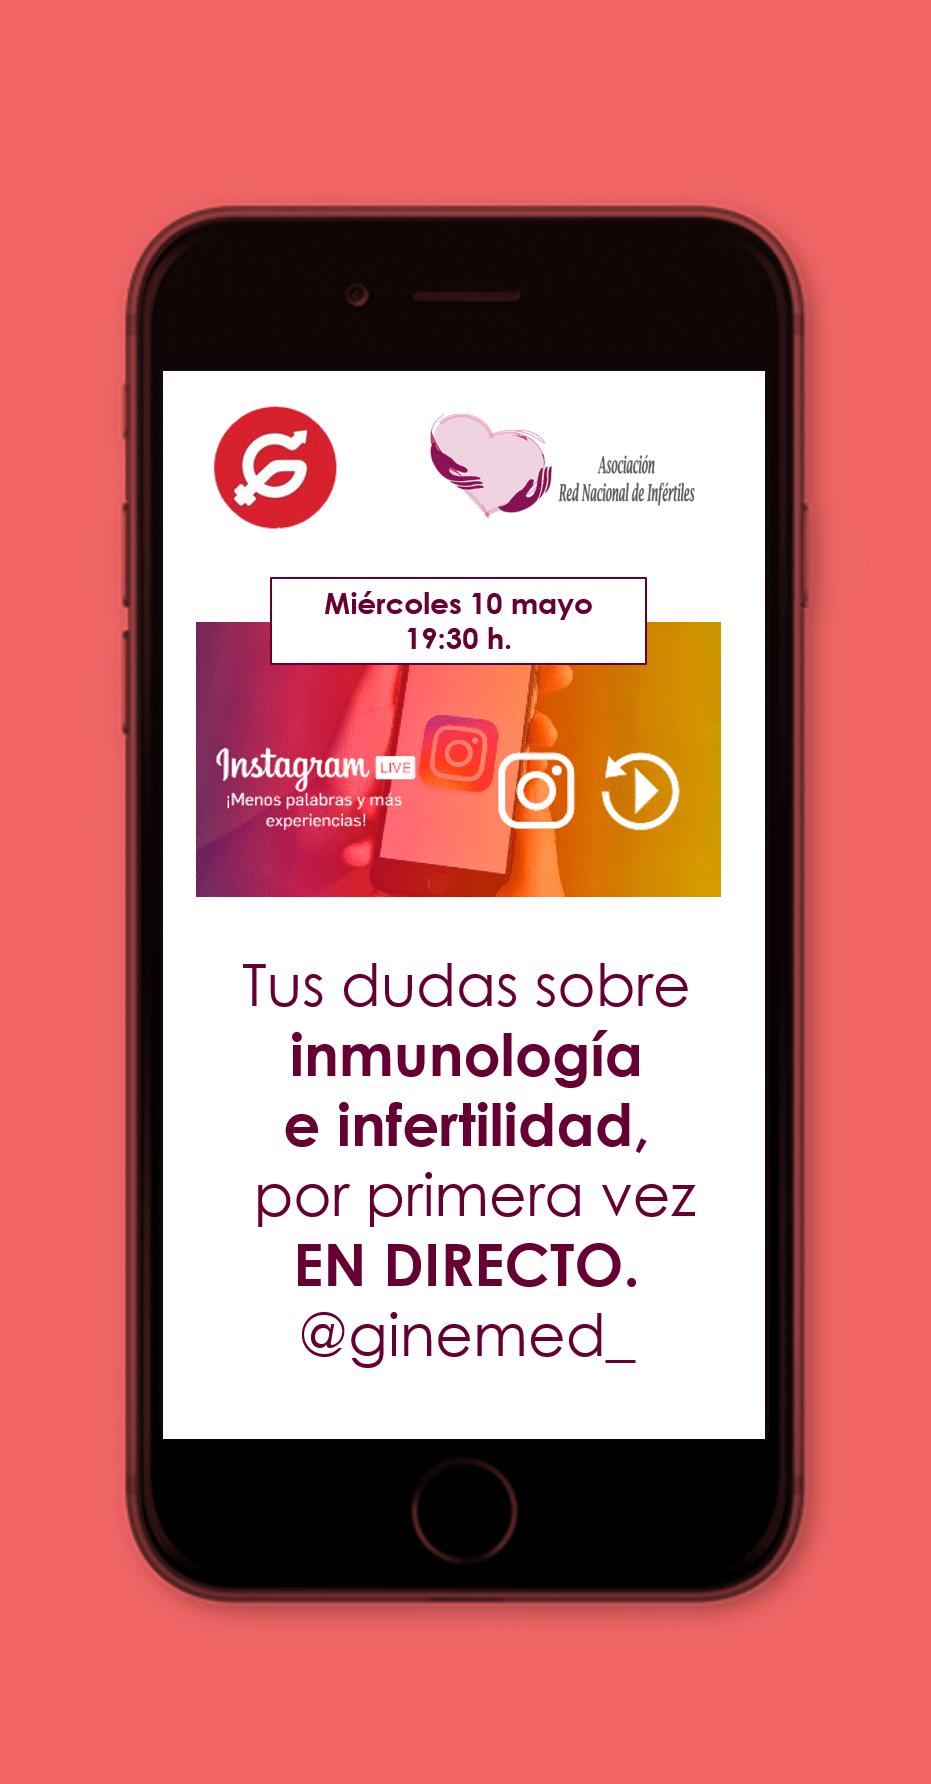 Sesión instagram. Tus dudas sobre inmunología e infertilidad por primera vez en directo. @ginemed_